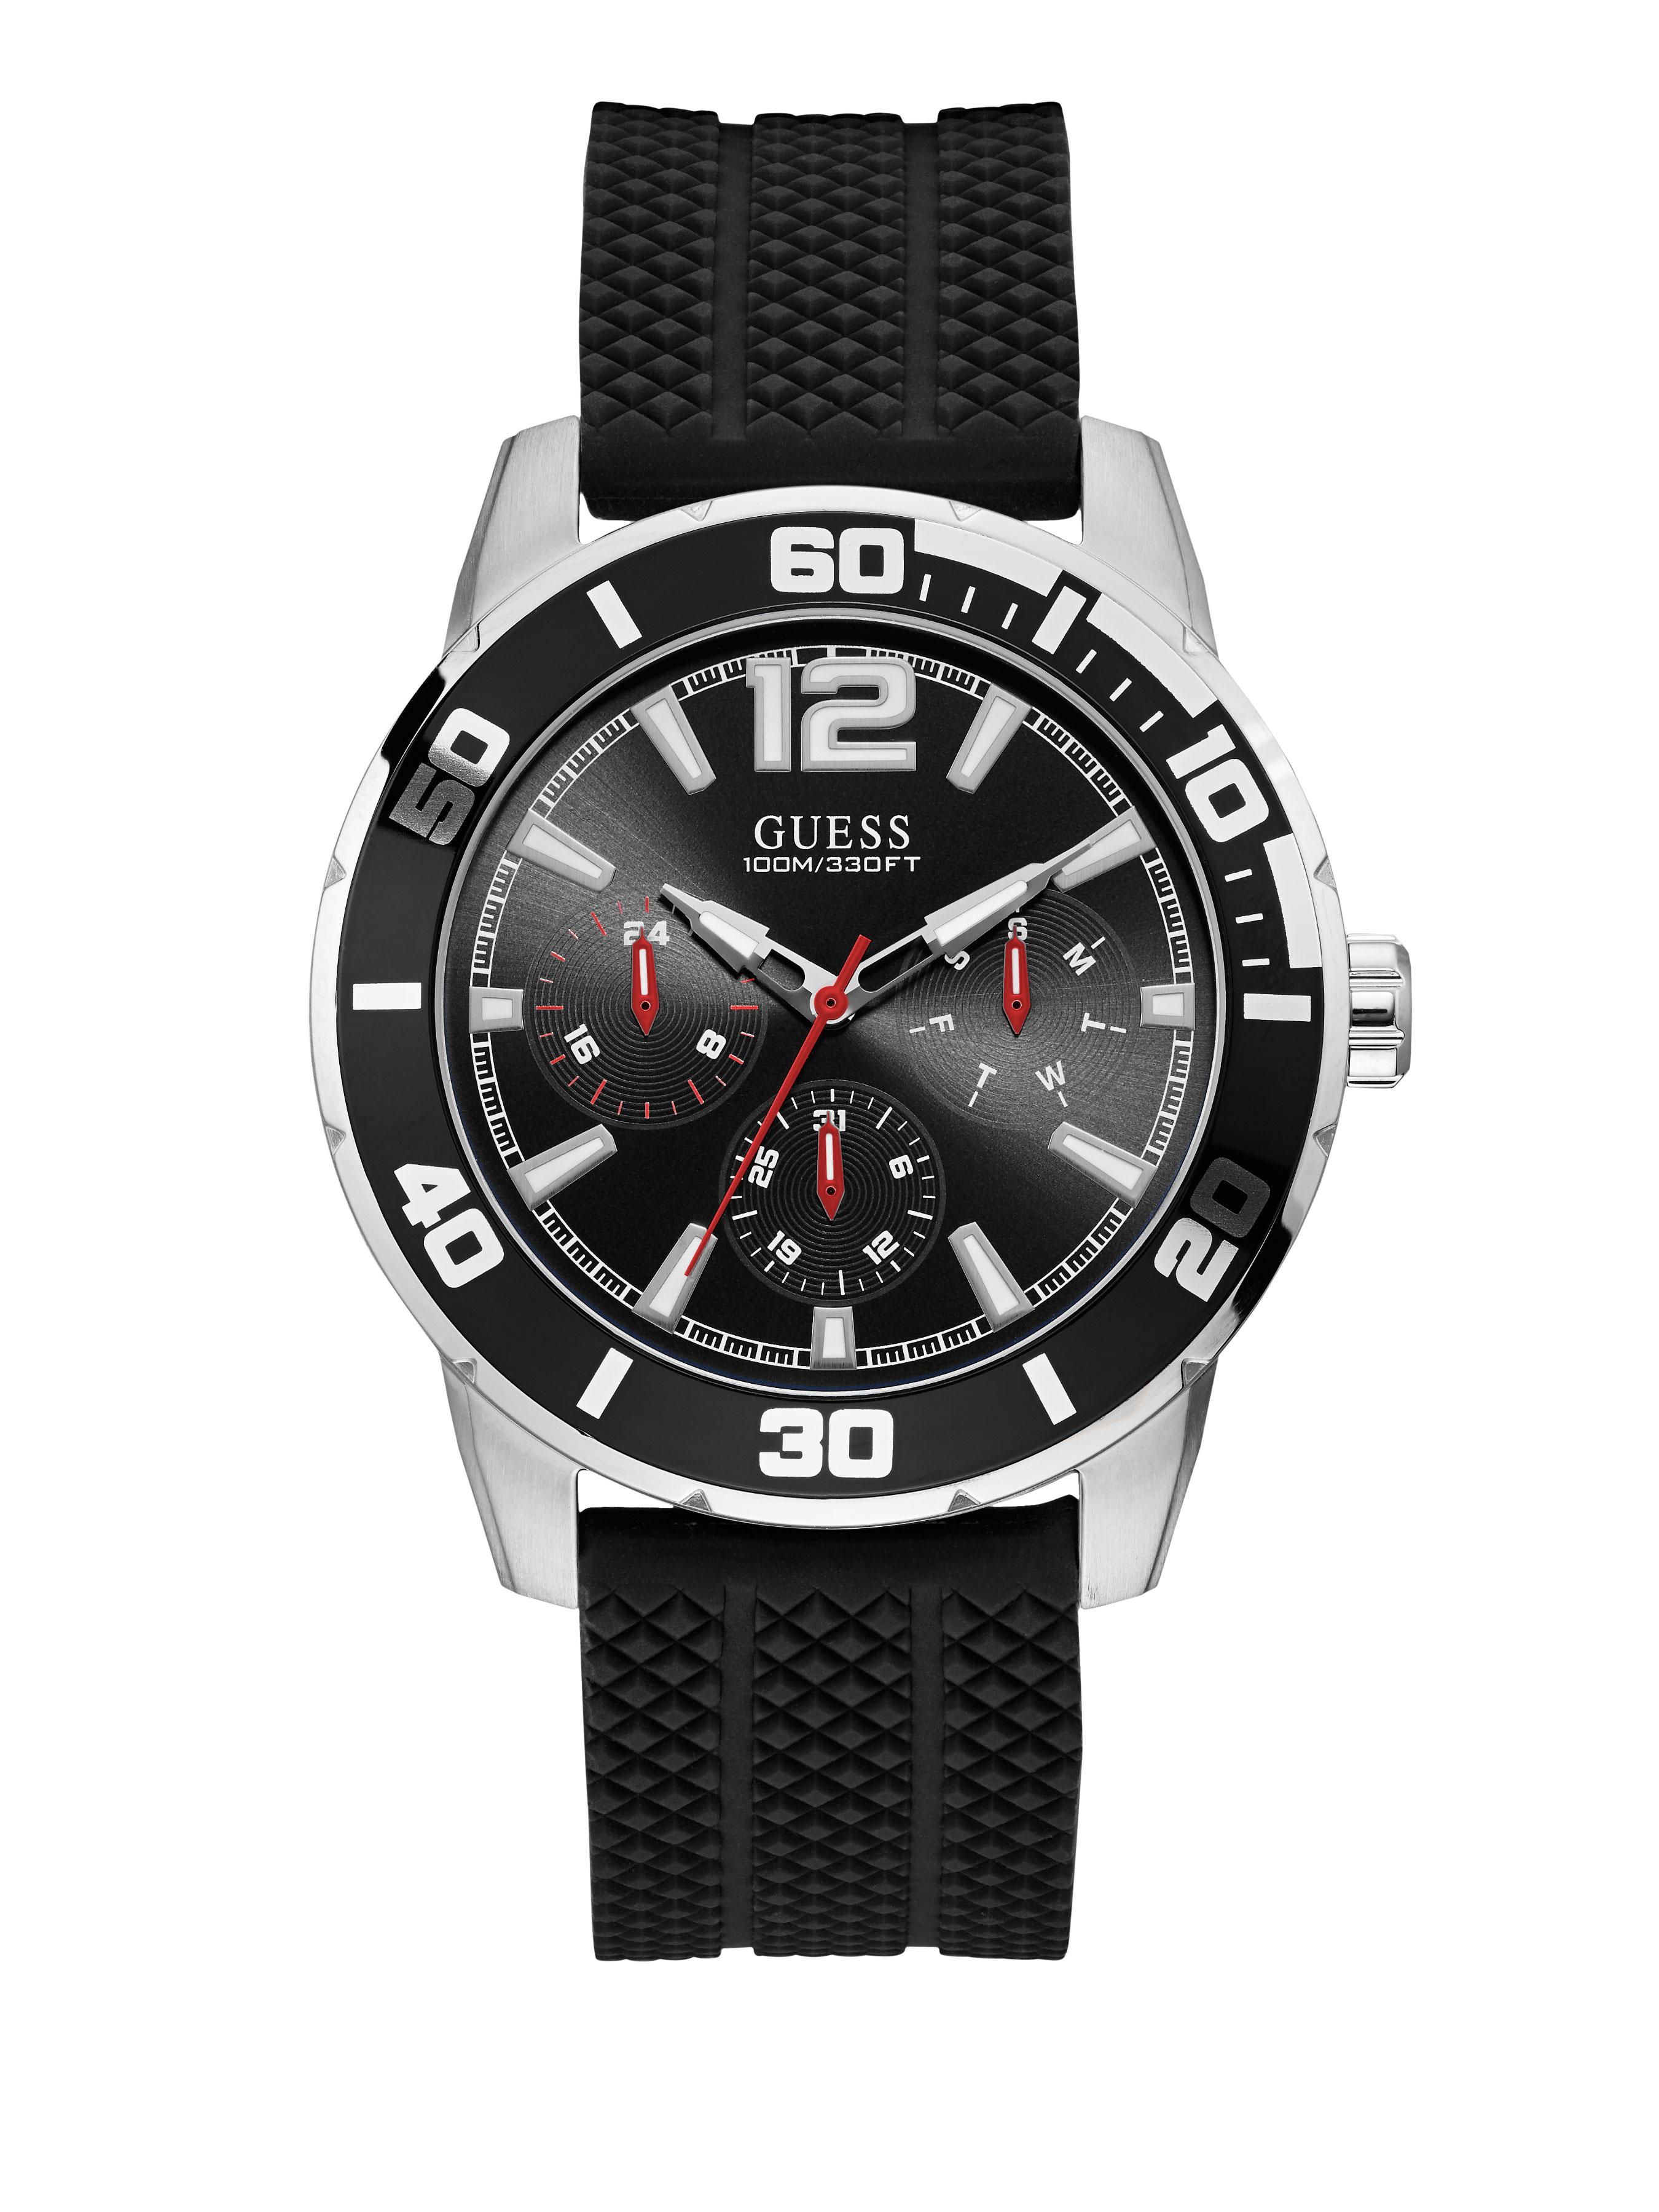 Украшения и часы  GUESS модель W1250G1